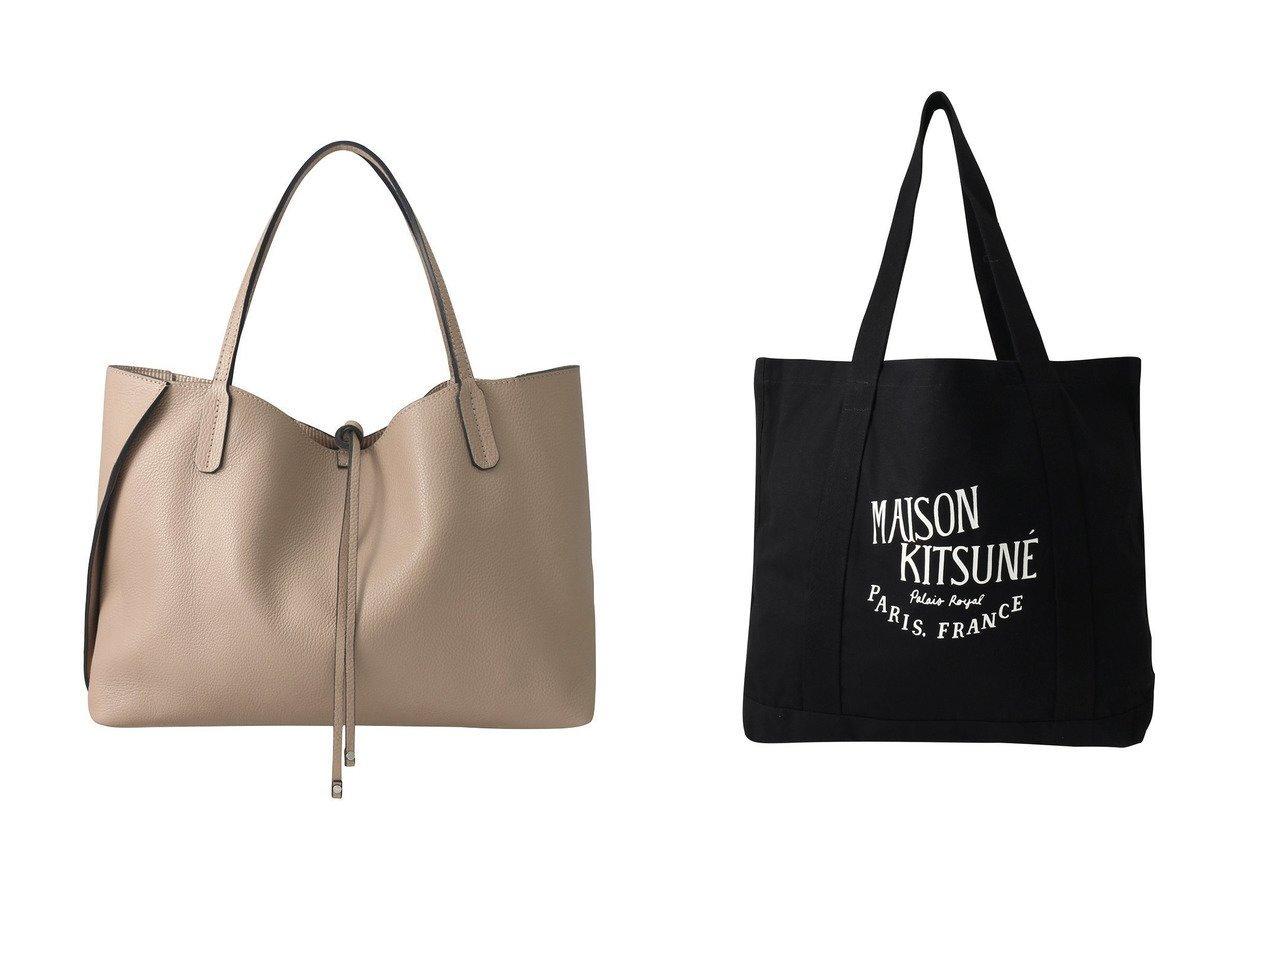 【MAISON KITSUNE/メゾン キツネ】の【UNISEX】 バッグ&【heliopole/エリオポール】の【GIANNI CHIARINI】RAY リバーシブルトートバッグ 【バッグ・鞄】おすすめ!人気、トレンド・レディースファッションの通販  おすすめで人気の流行・トレンド、ファッションの通販商品 インテリア・家具・メンズファッション・キッズファッション・レディースファッション・服の通販 founy(ファニー) https://founy.com/ ファッション Fashion レディースファッション WOMEN バッグ Bag ストライプ ポーチ リバーシブル 2020年 2020 2020-2021秋冬・A/W AW・Autumn/Winter・FW・Fall-Winter/2020-2021 2021年 2021 2021-2022秋冬・A/W AW・Autumn/Winter・FW・Fall-Winter・2021-2022 A/W・秋冬 AW・Autumn/Winter・FW・Fall-Winter UNISEX キャンバス プリント モノトーン  ID:crp329100000062323